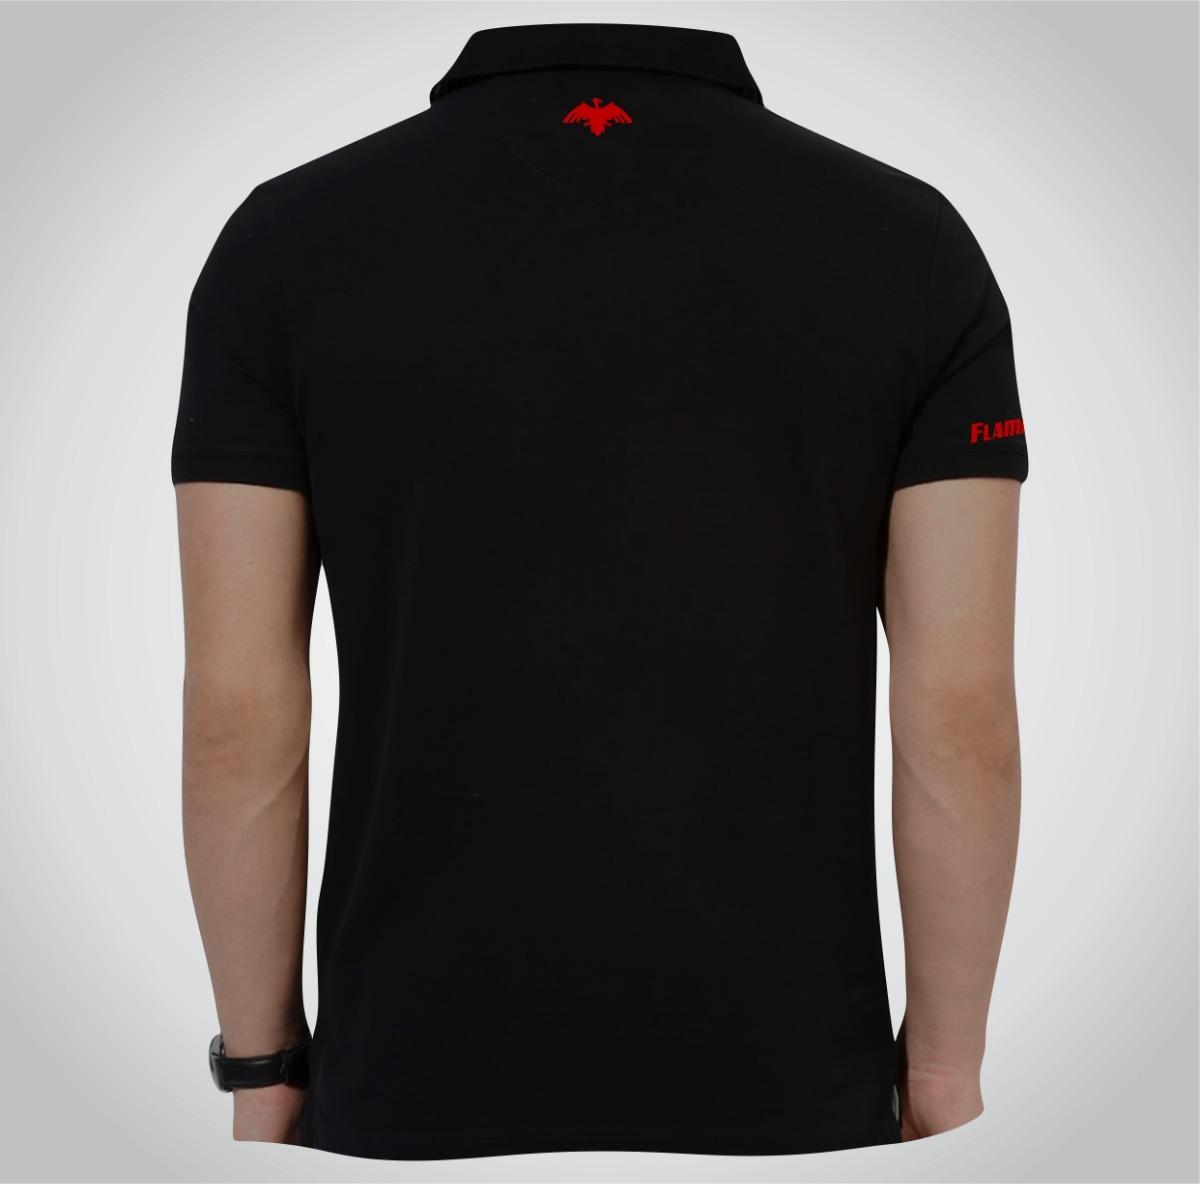 camisa polo flamengo branca ou preta torcedor ou social fla. Carregando  zoom... camisa flamengo fla. Carregando zoom. f14af4011e022